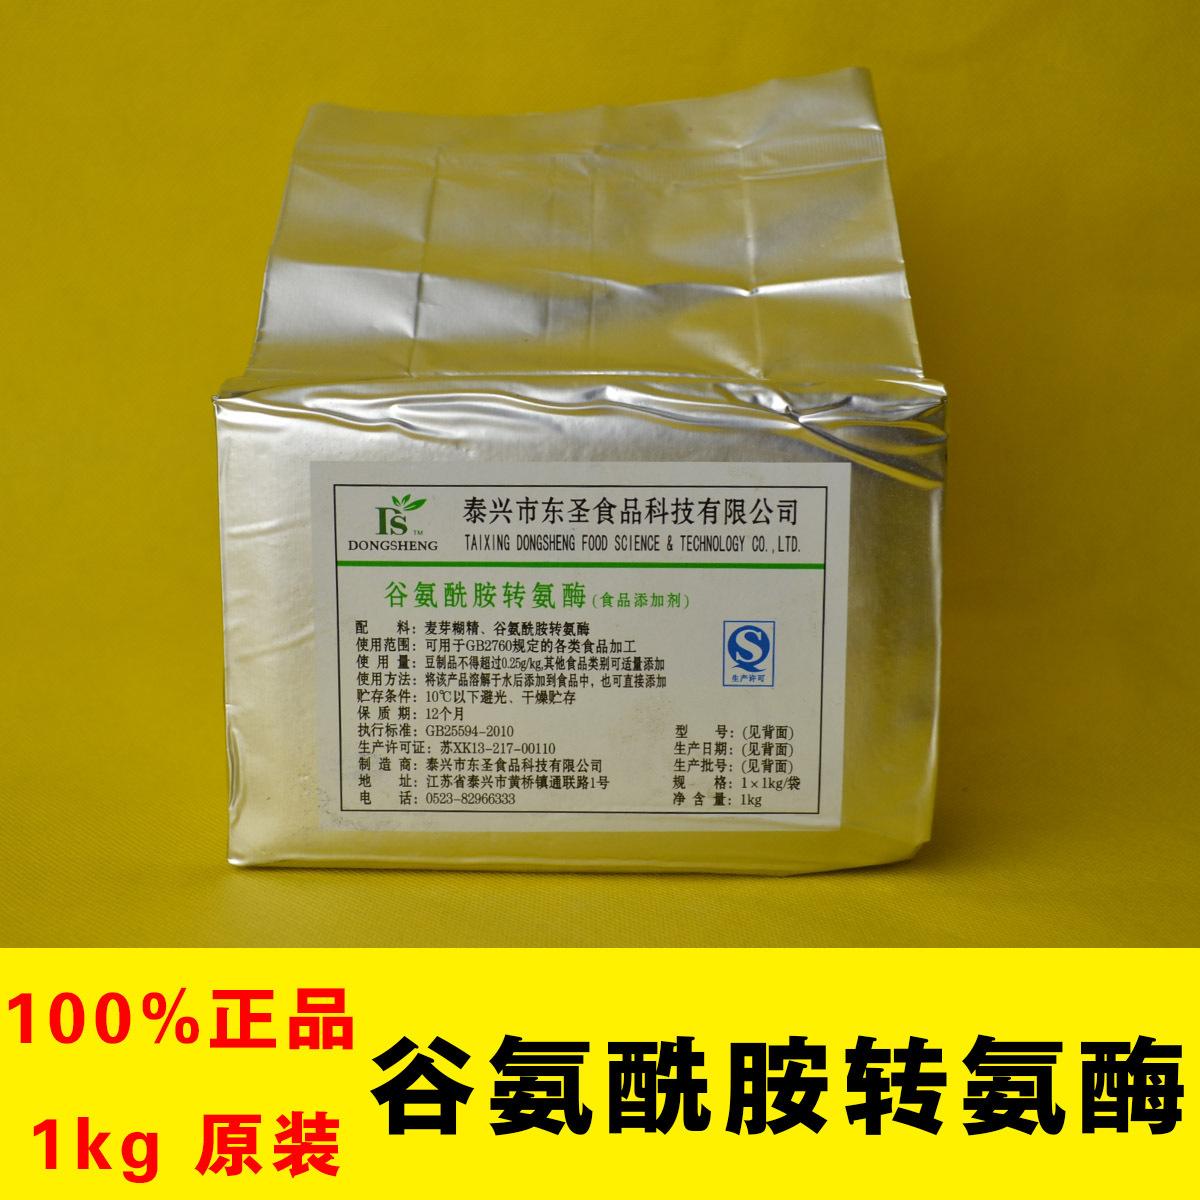 谷氨酰胺转氨酶 酶制剂 TG酶 作用